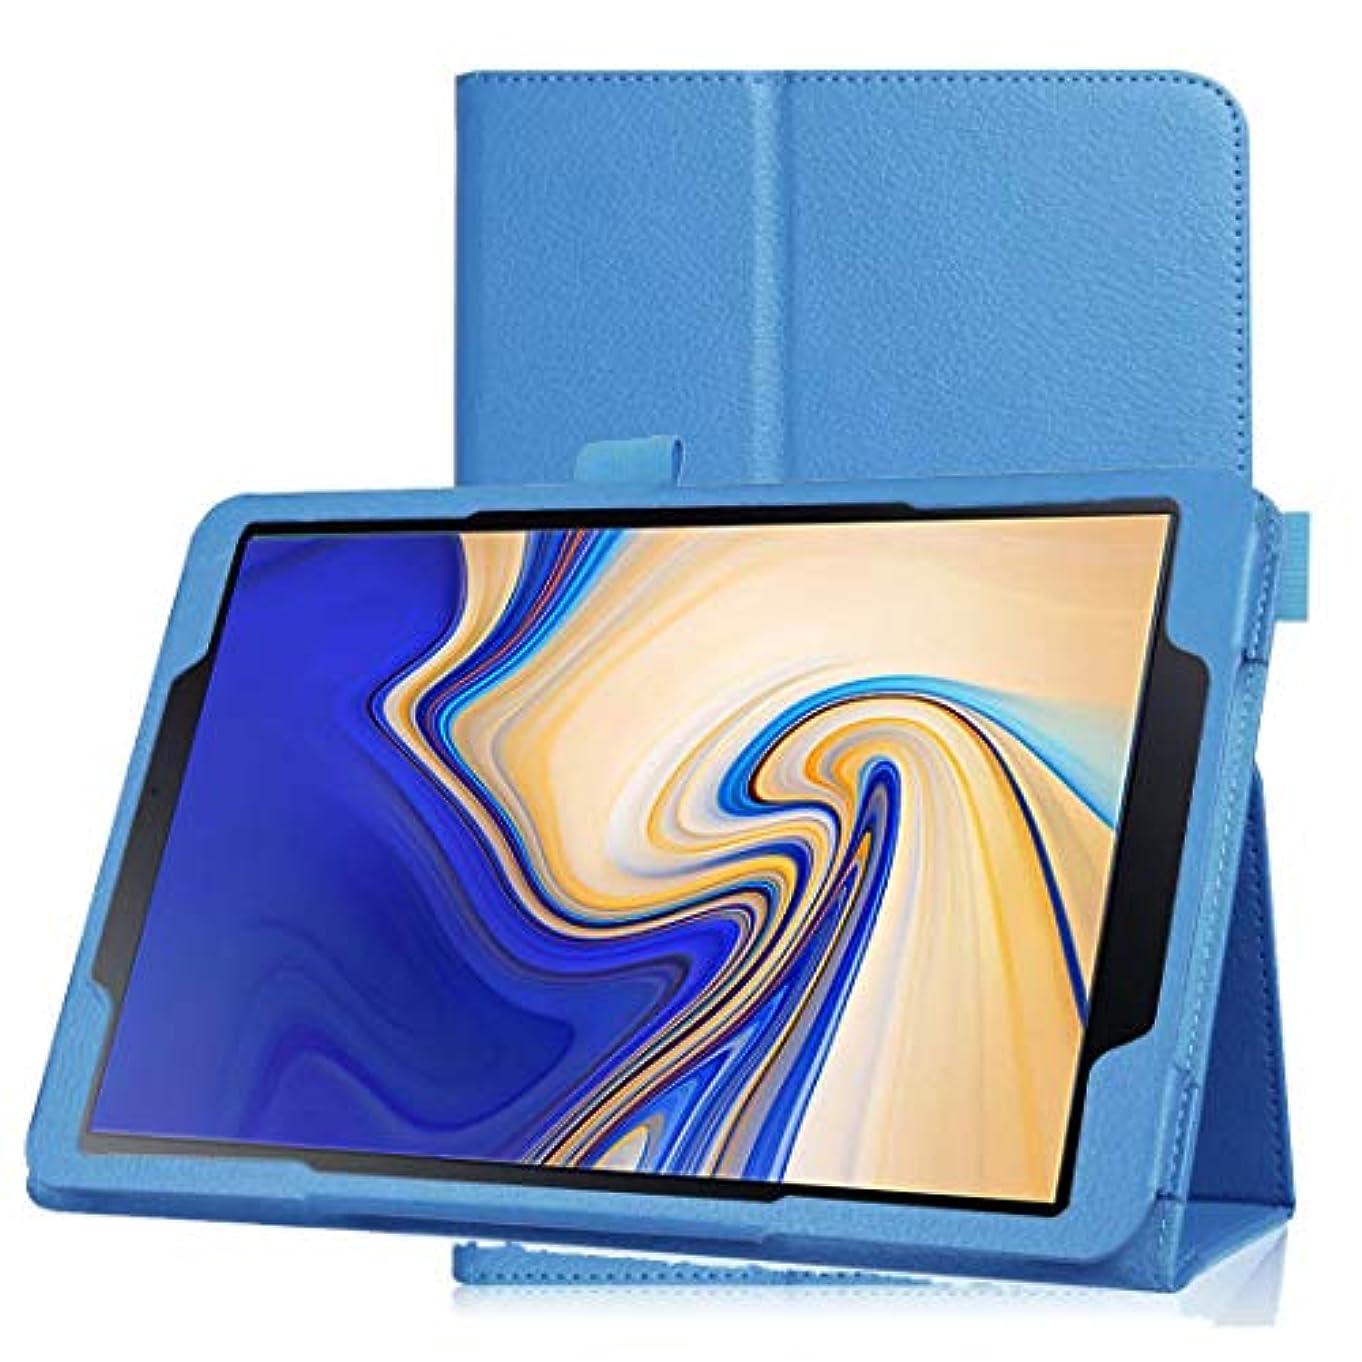 体操選手我慢する振るGalaxy tab a 10.5 全面保護ケース INorton 本革ケース スタンド機能 衝撃吸収 PUレザー 軽量薄型 排熱性アップ ソフトケース T830 T835対応